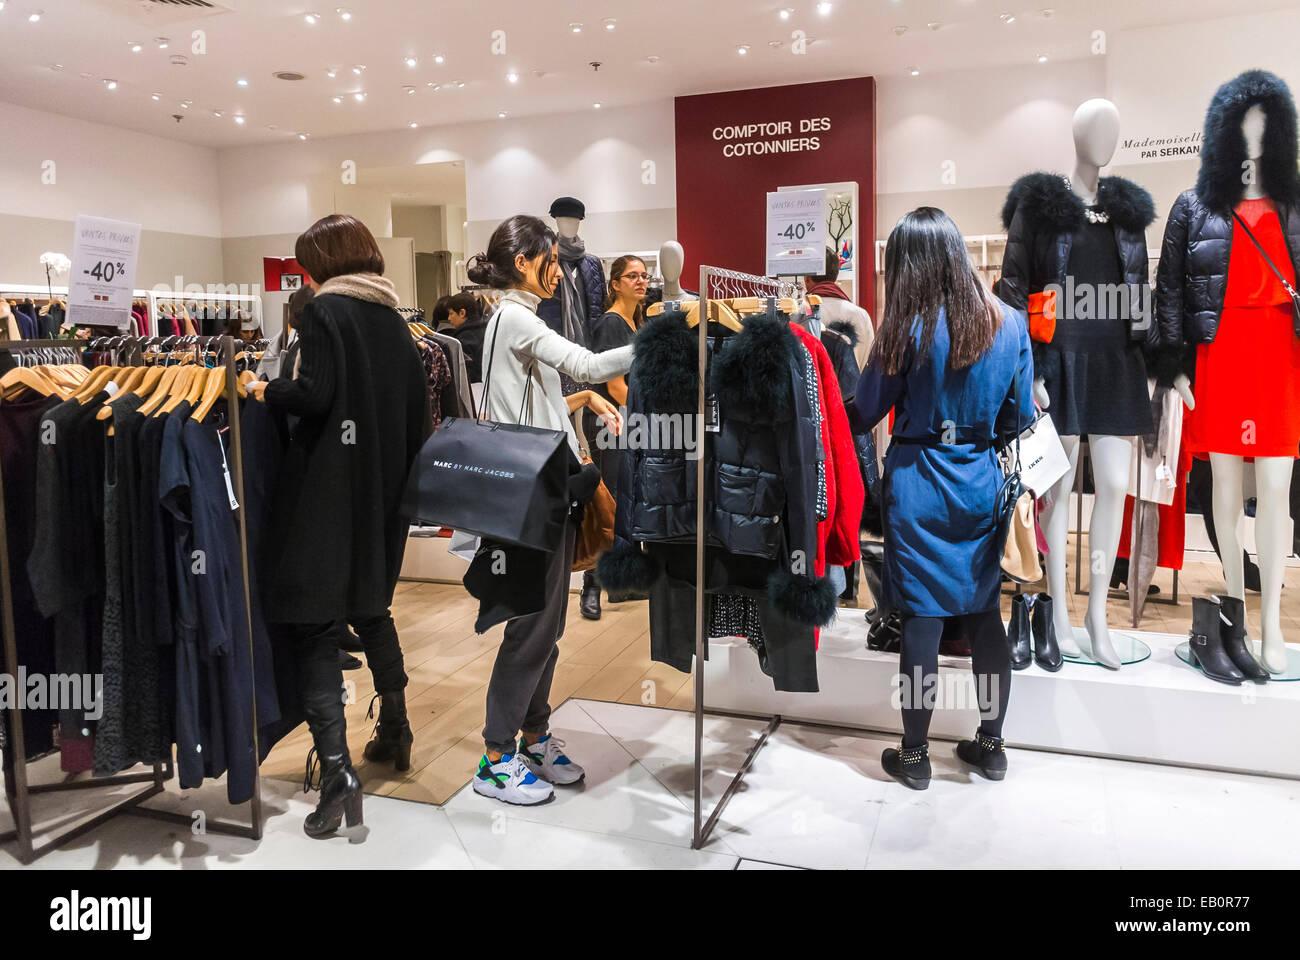 Paris, France, les femmes Faire du shopping à l'intérieur du grand magasin français, les Galeries Lafayette, des marques de vêtements 'Comptoir des ...